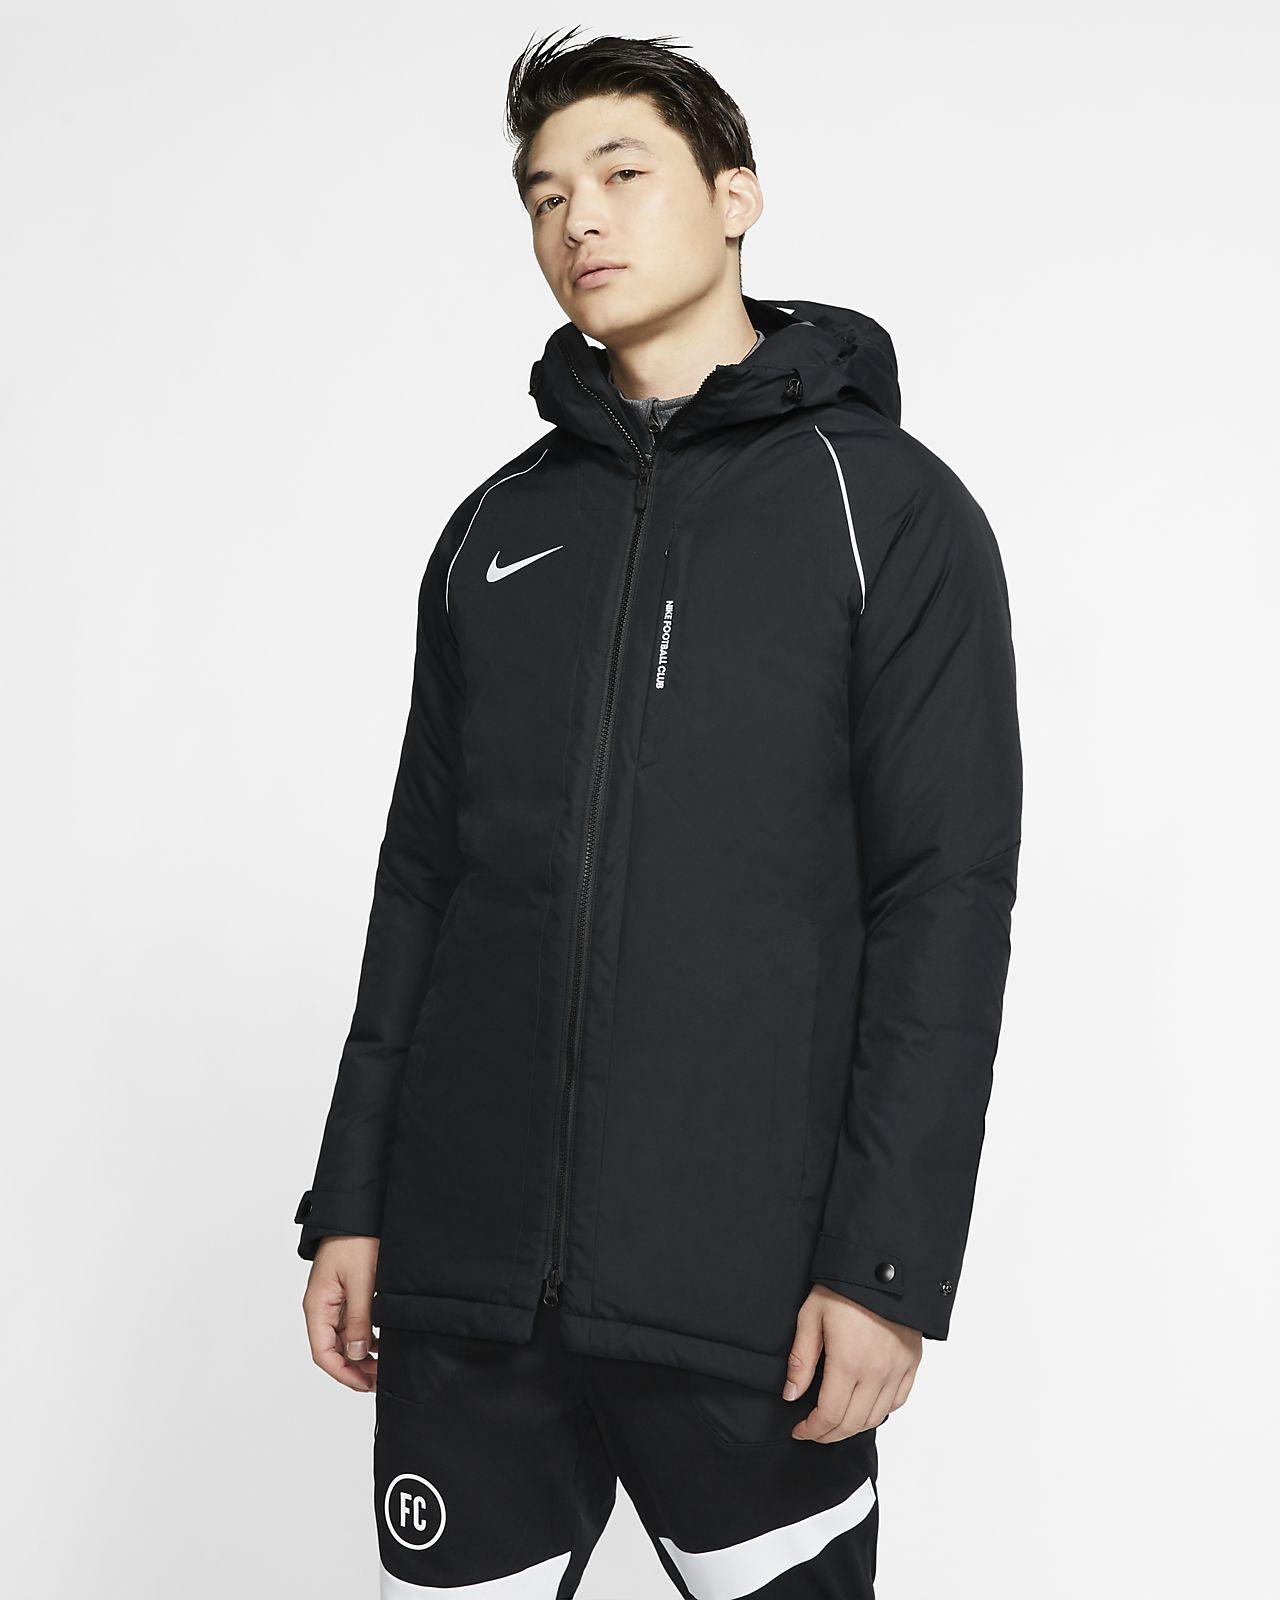 Veste Nike F.C. Sideline pour Homme